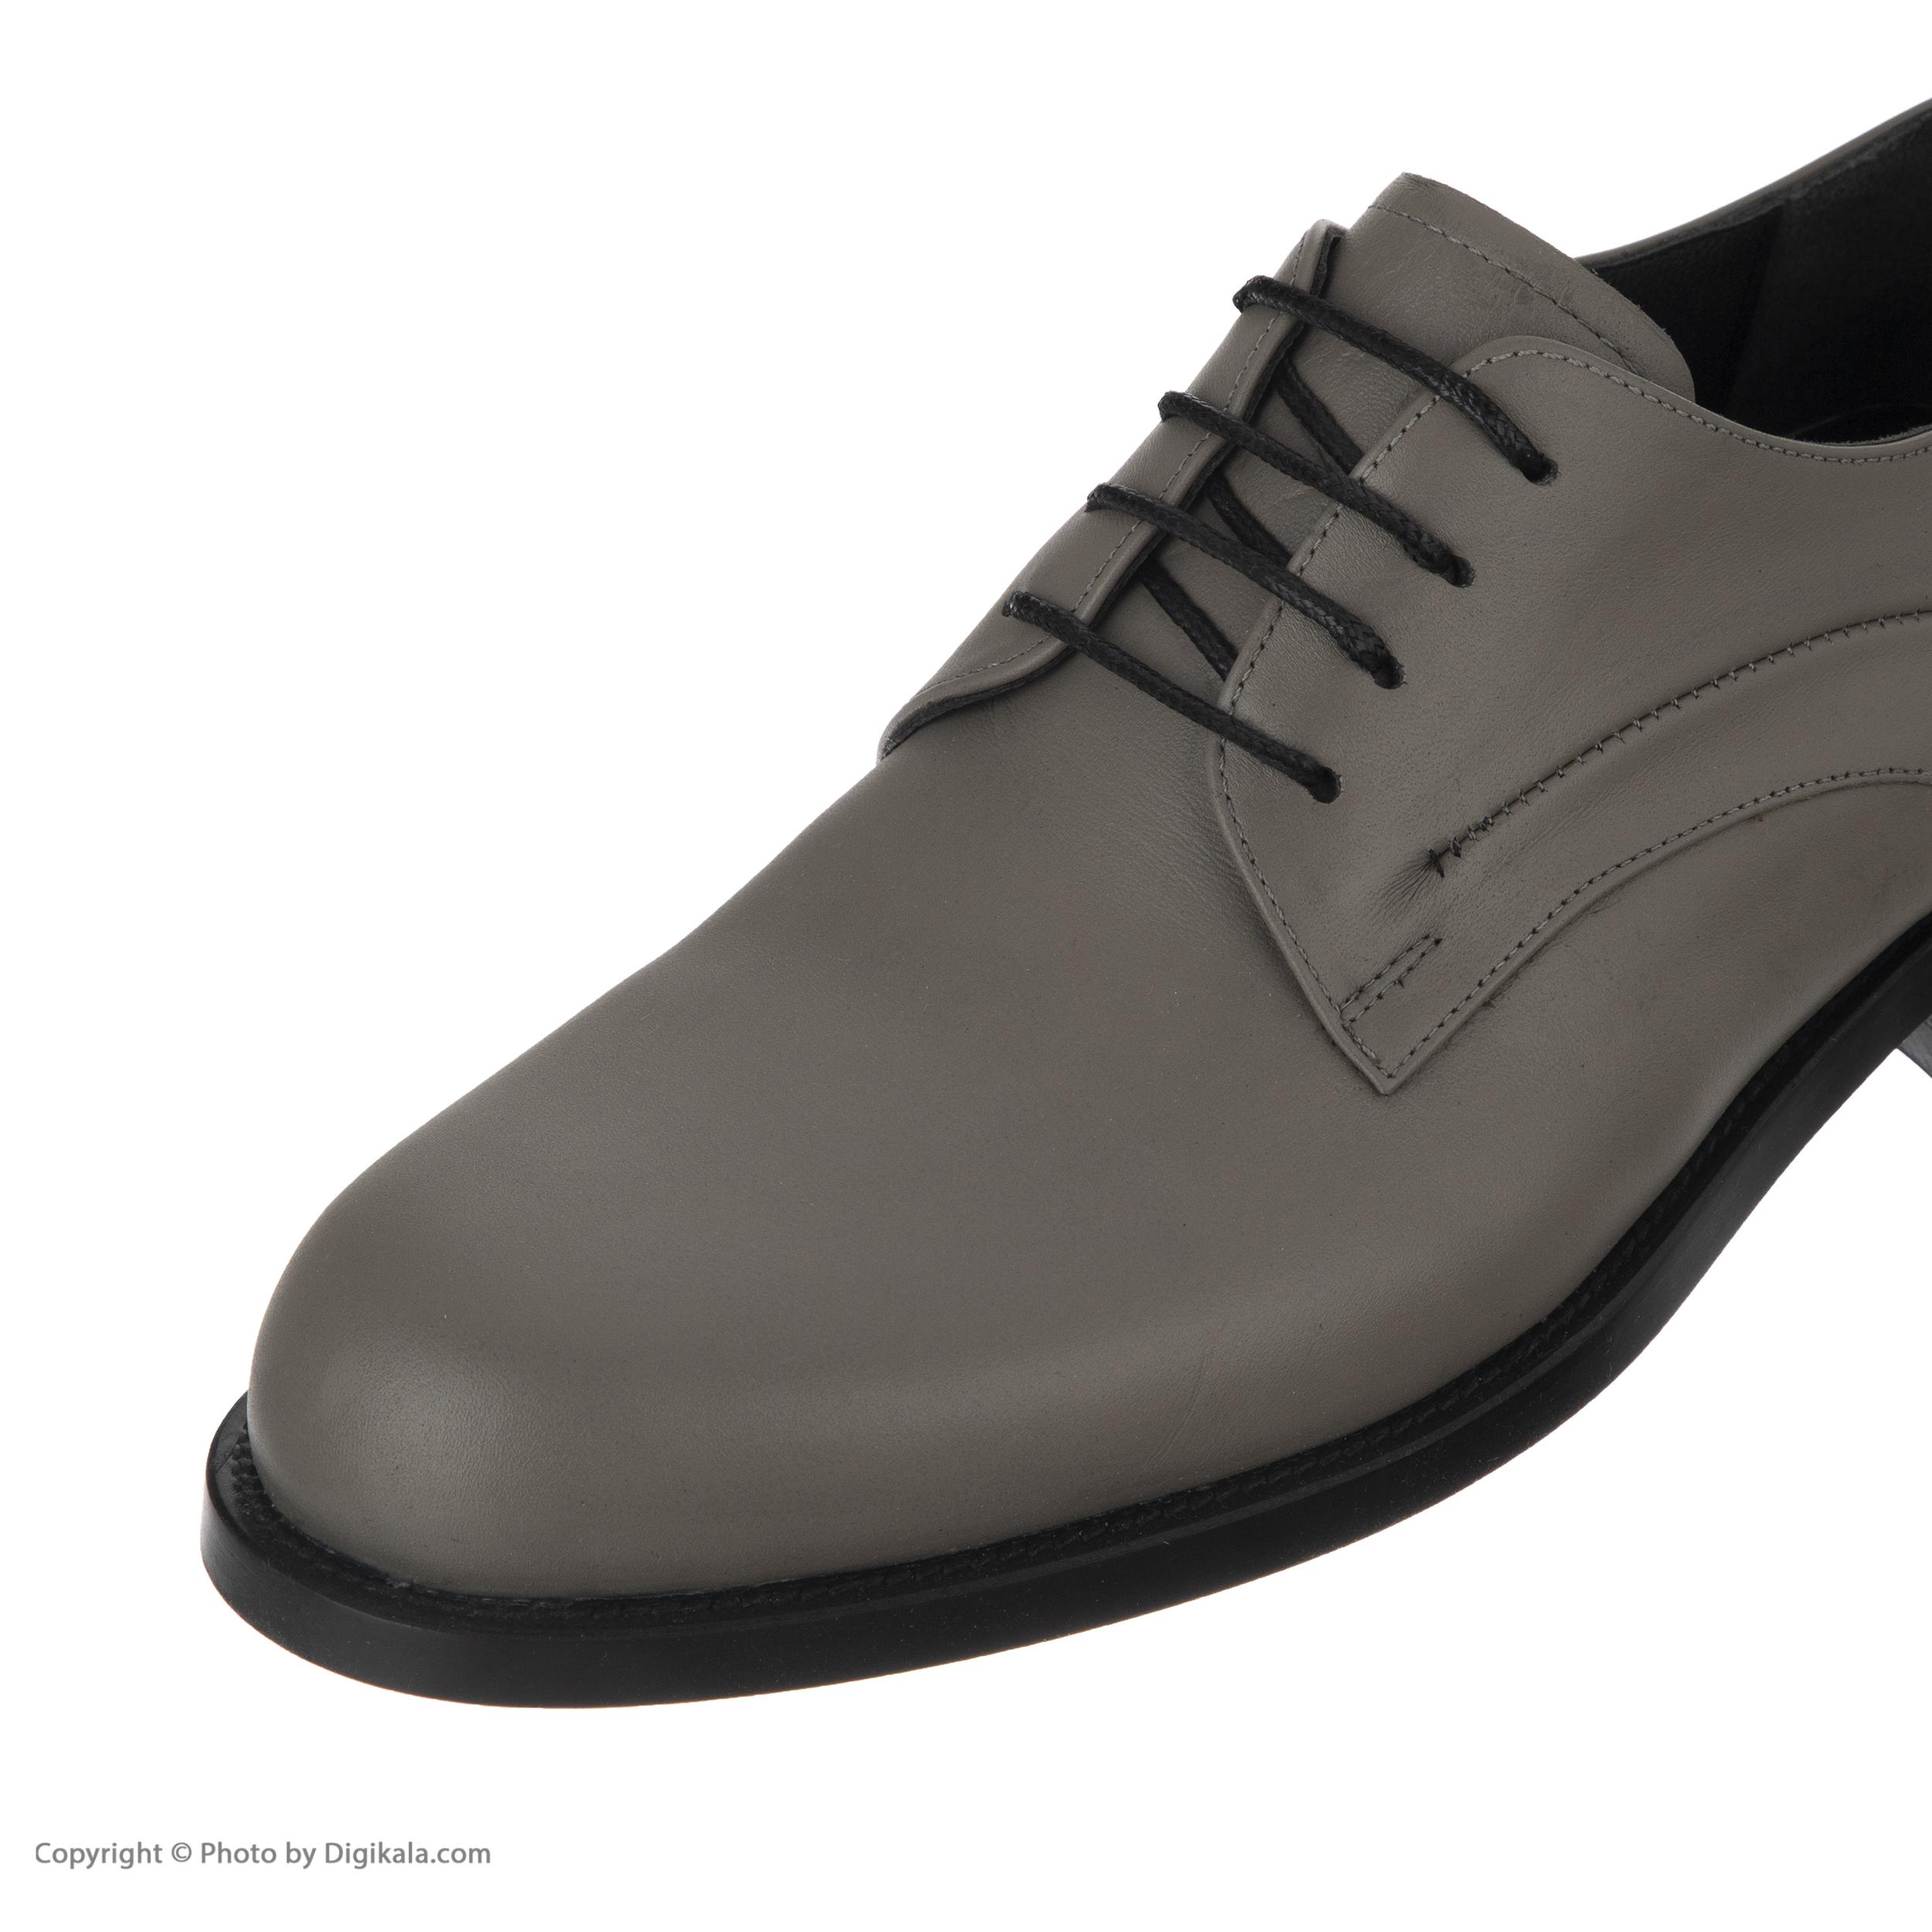 کفش مردانه آرتمن مدل Andrew-41803 -  - 6